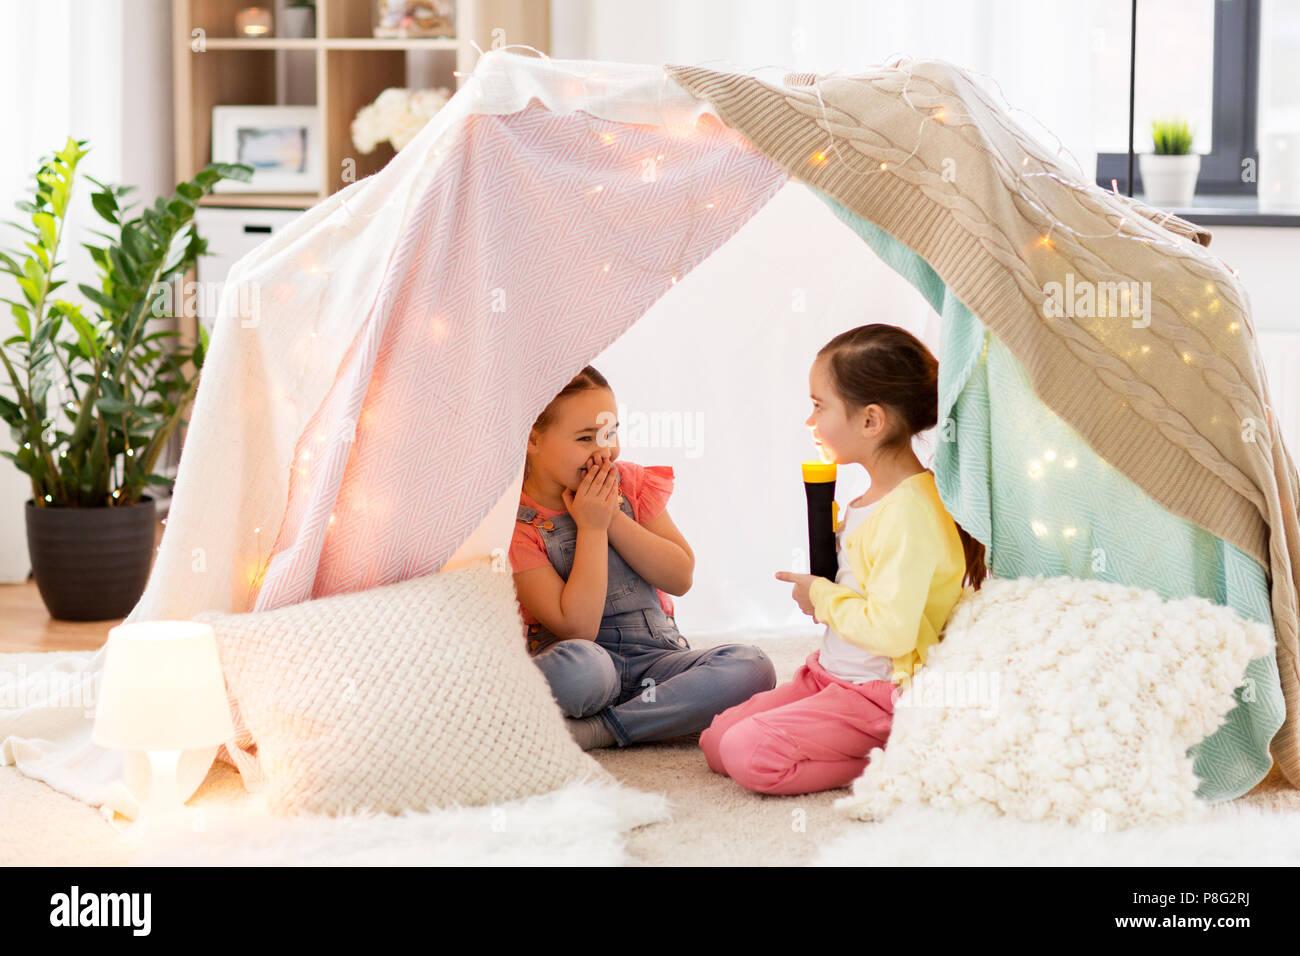 Bambine con torcia luce in tenda per bambini a casa foto & immagine